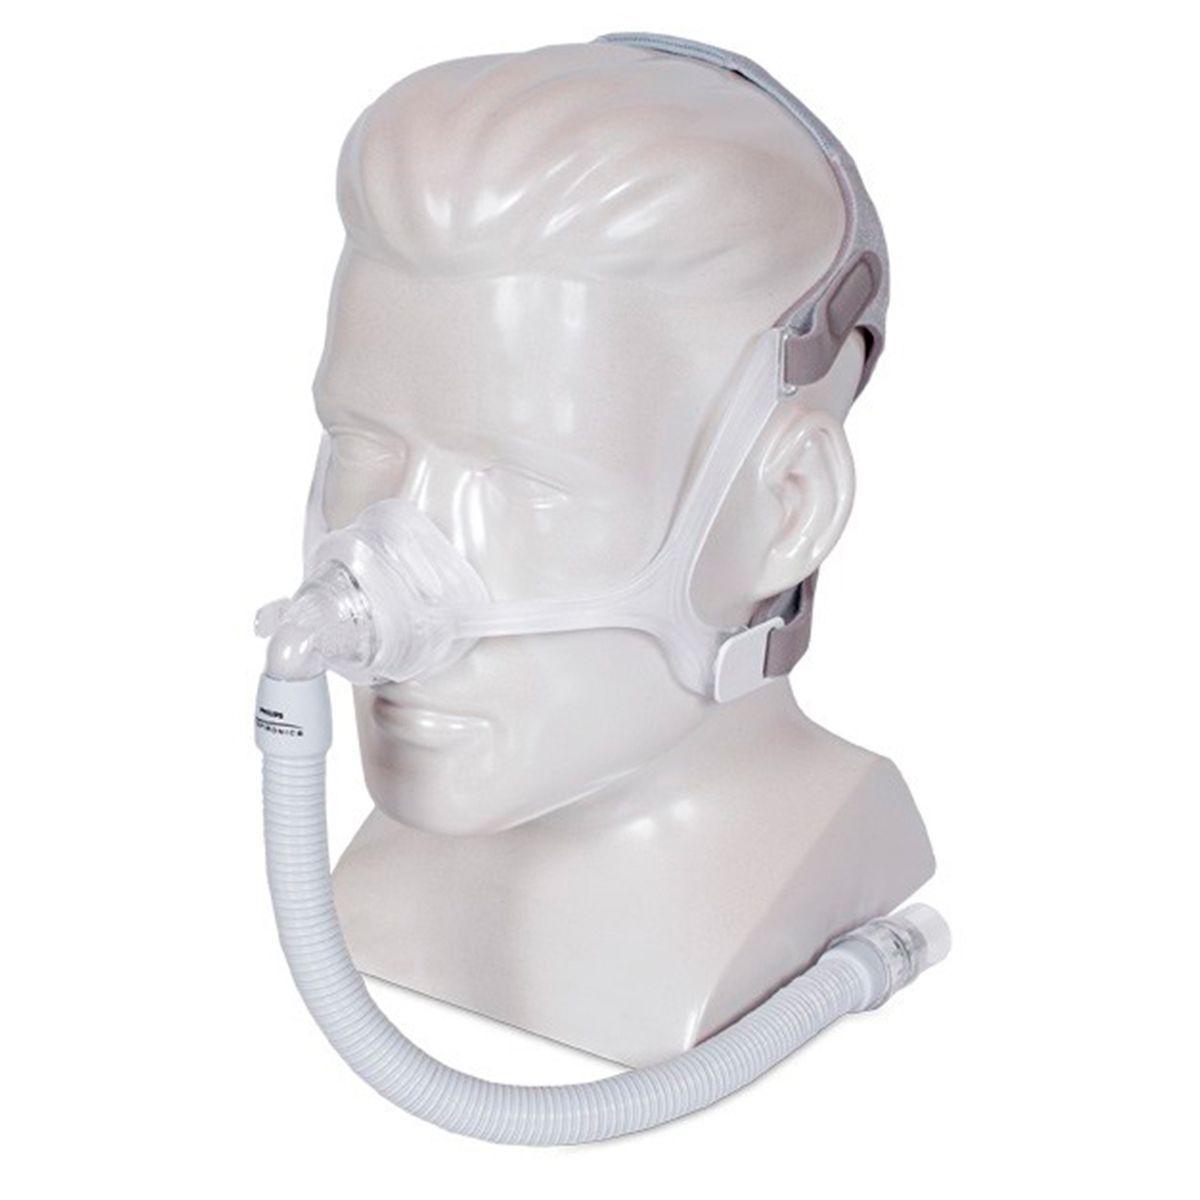 Kit CPAP Automático DreamStation + Umidificador + Máscara Nasal Wisp Philips Respironics